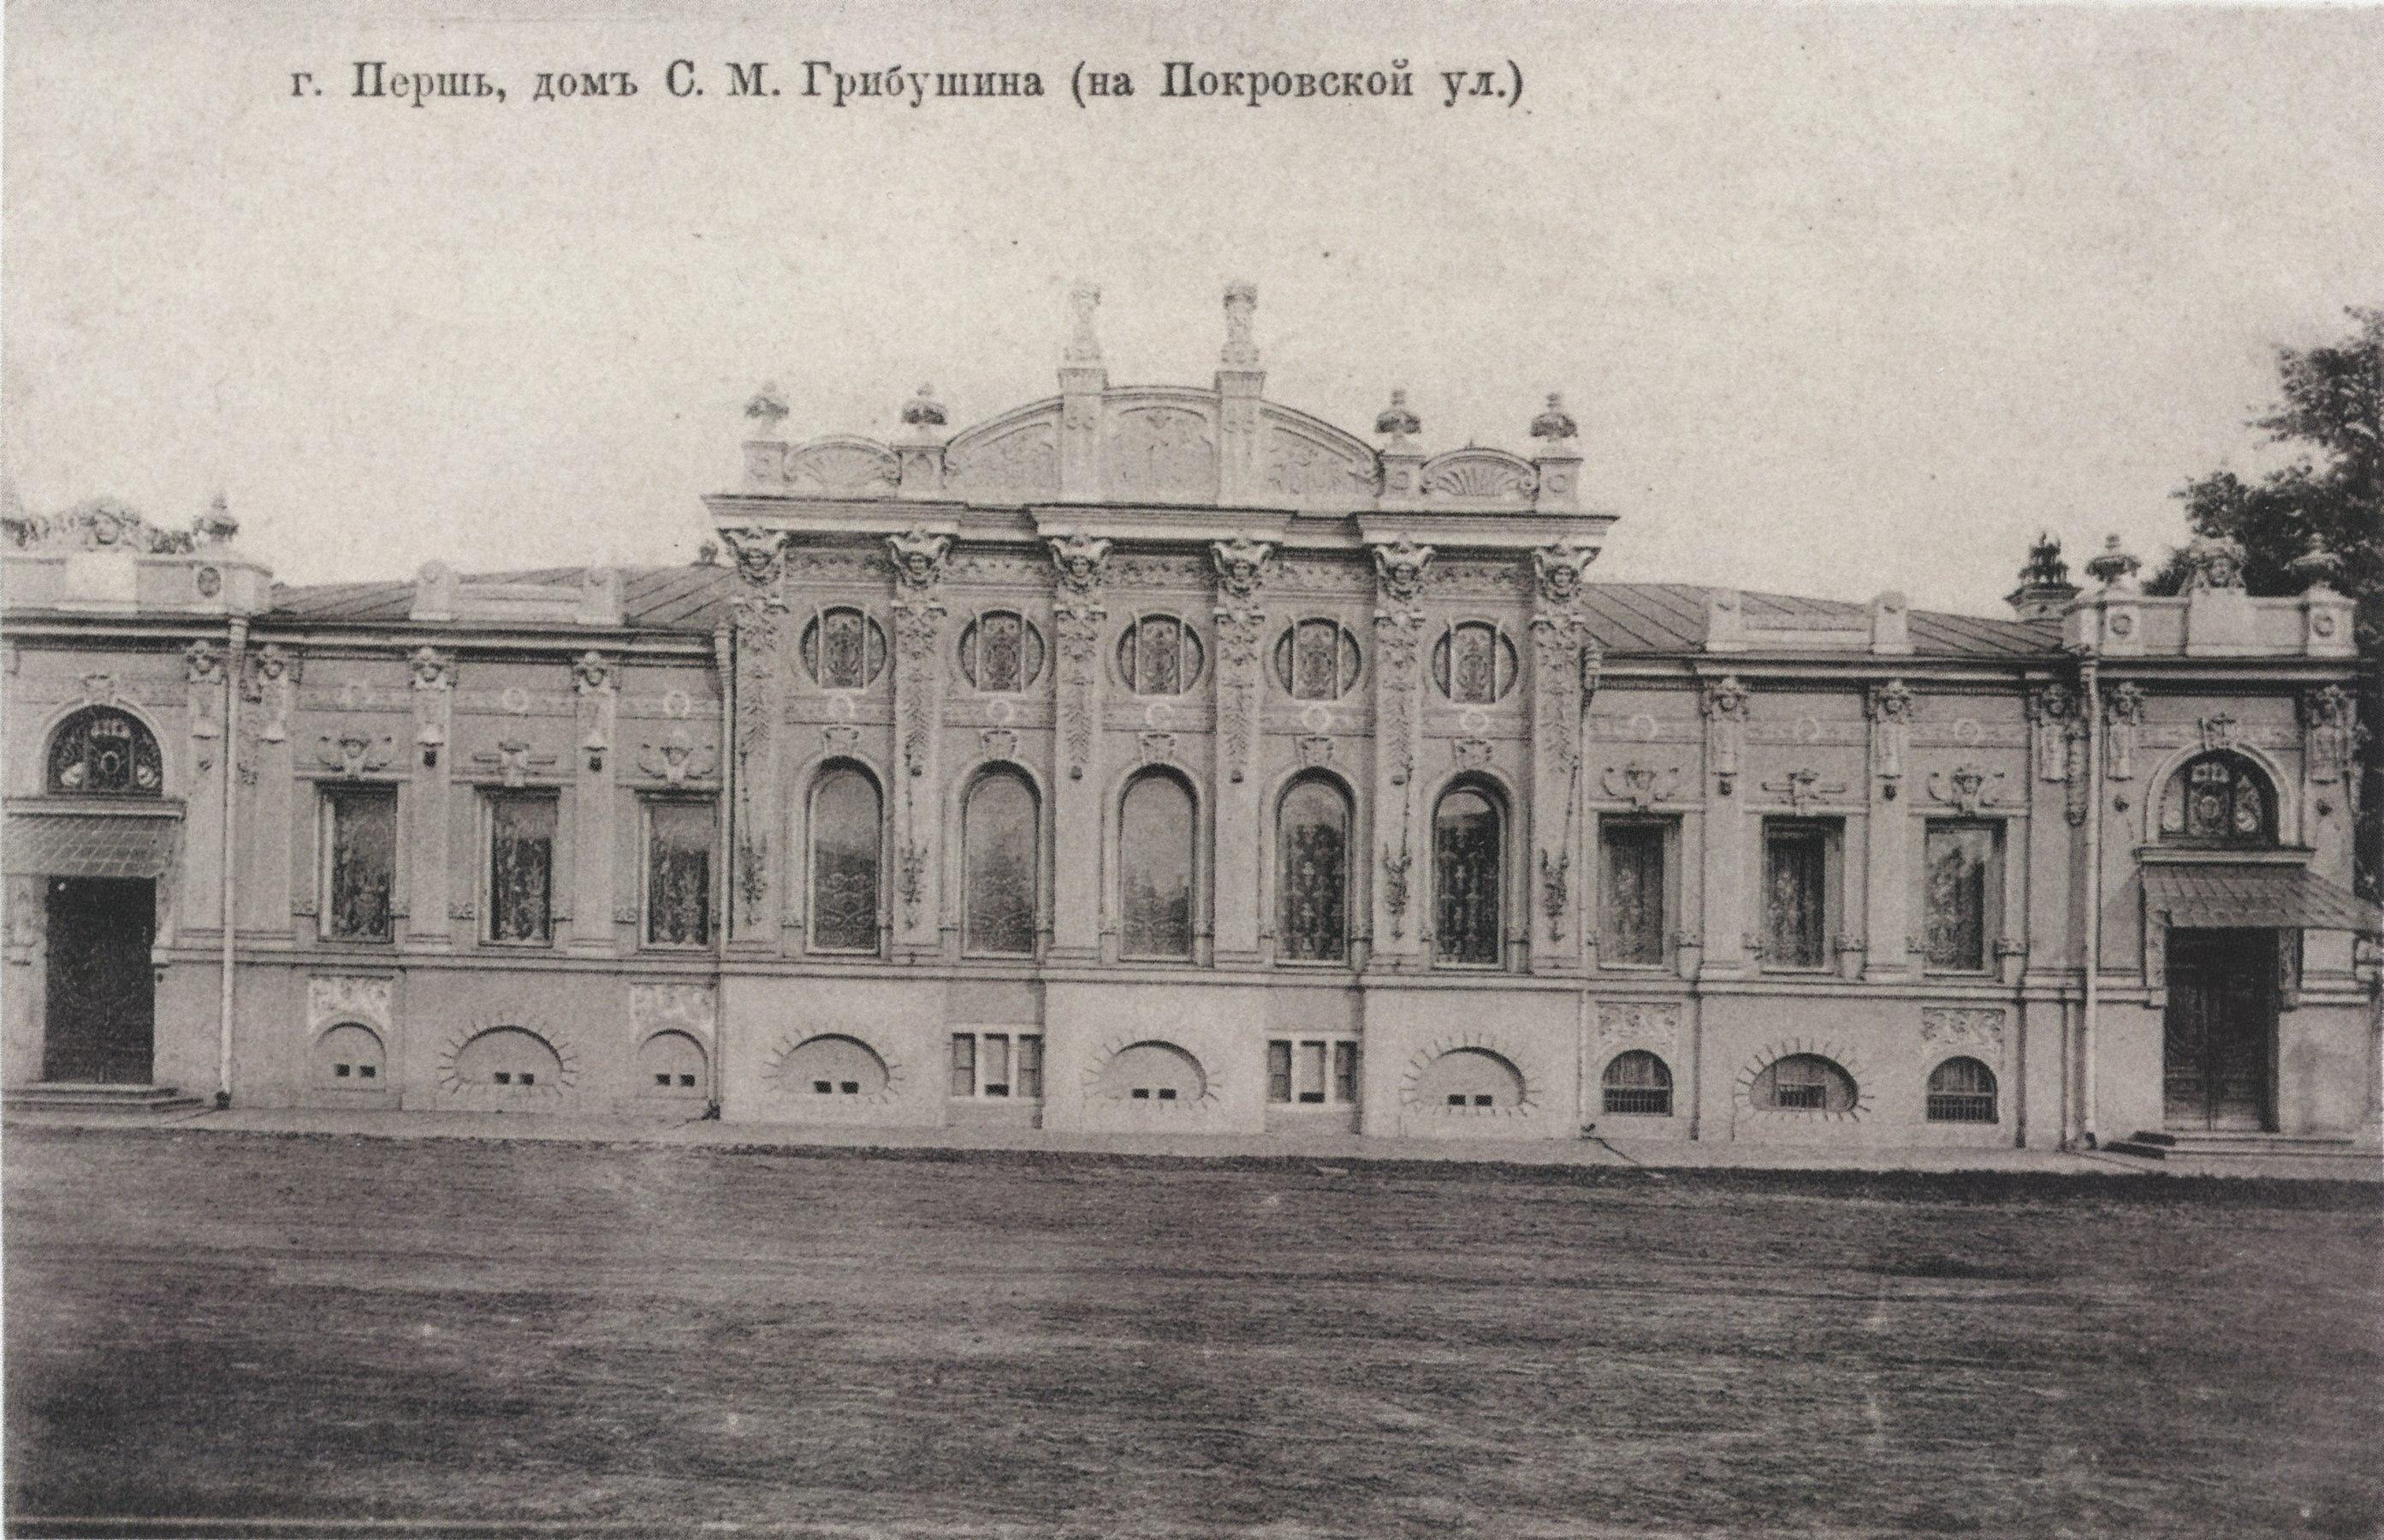 Дом С. М. Грибушина